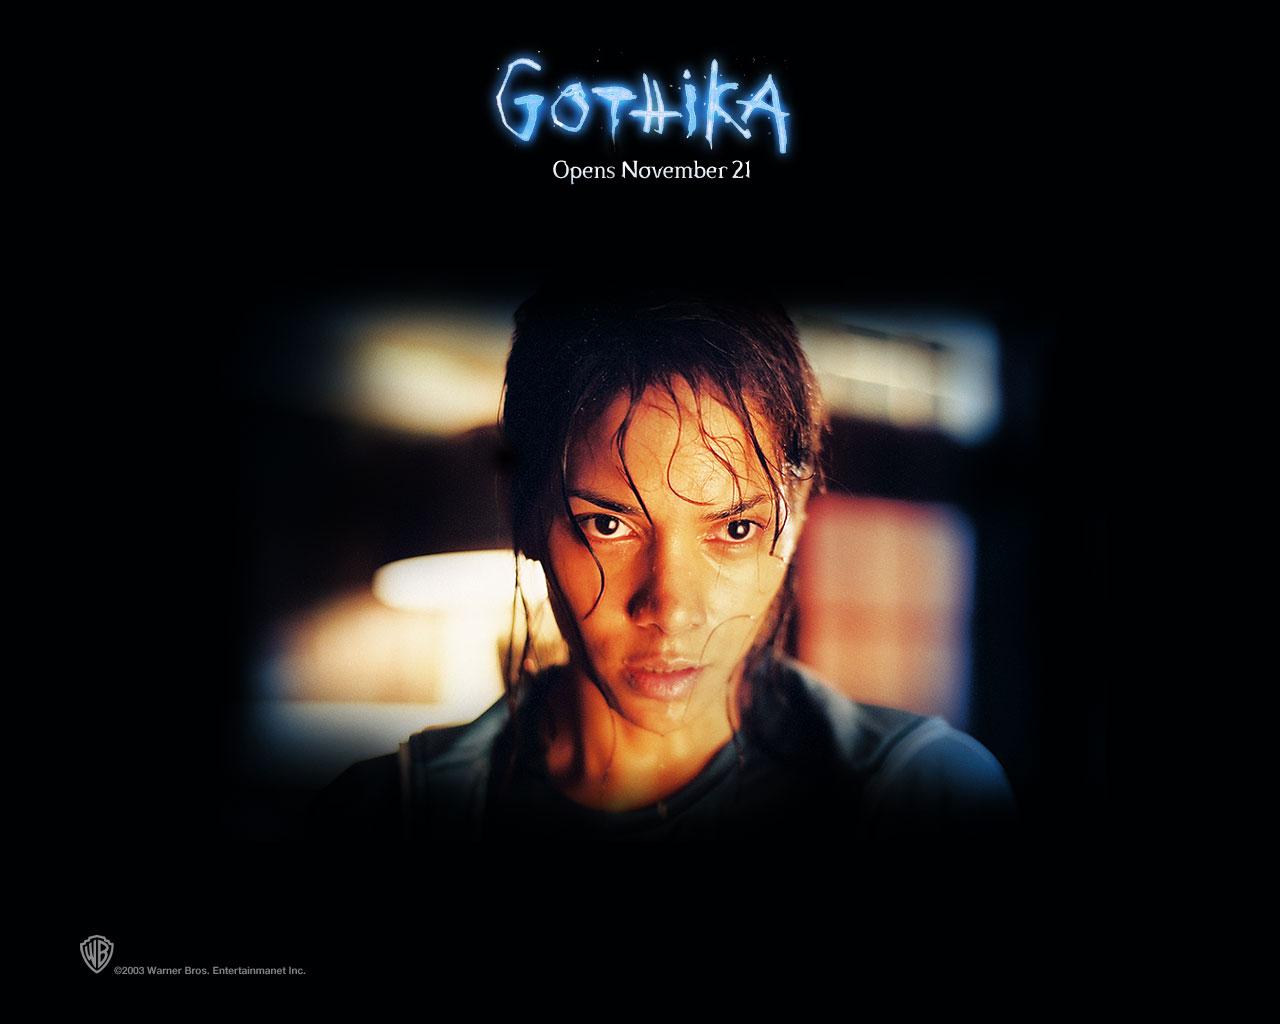 Gothika 3